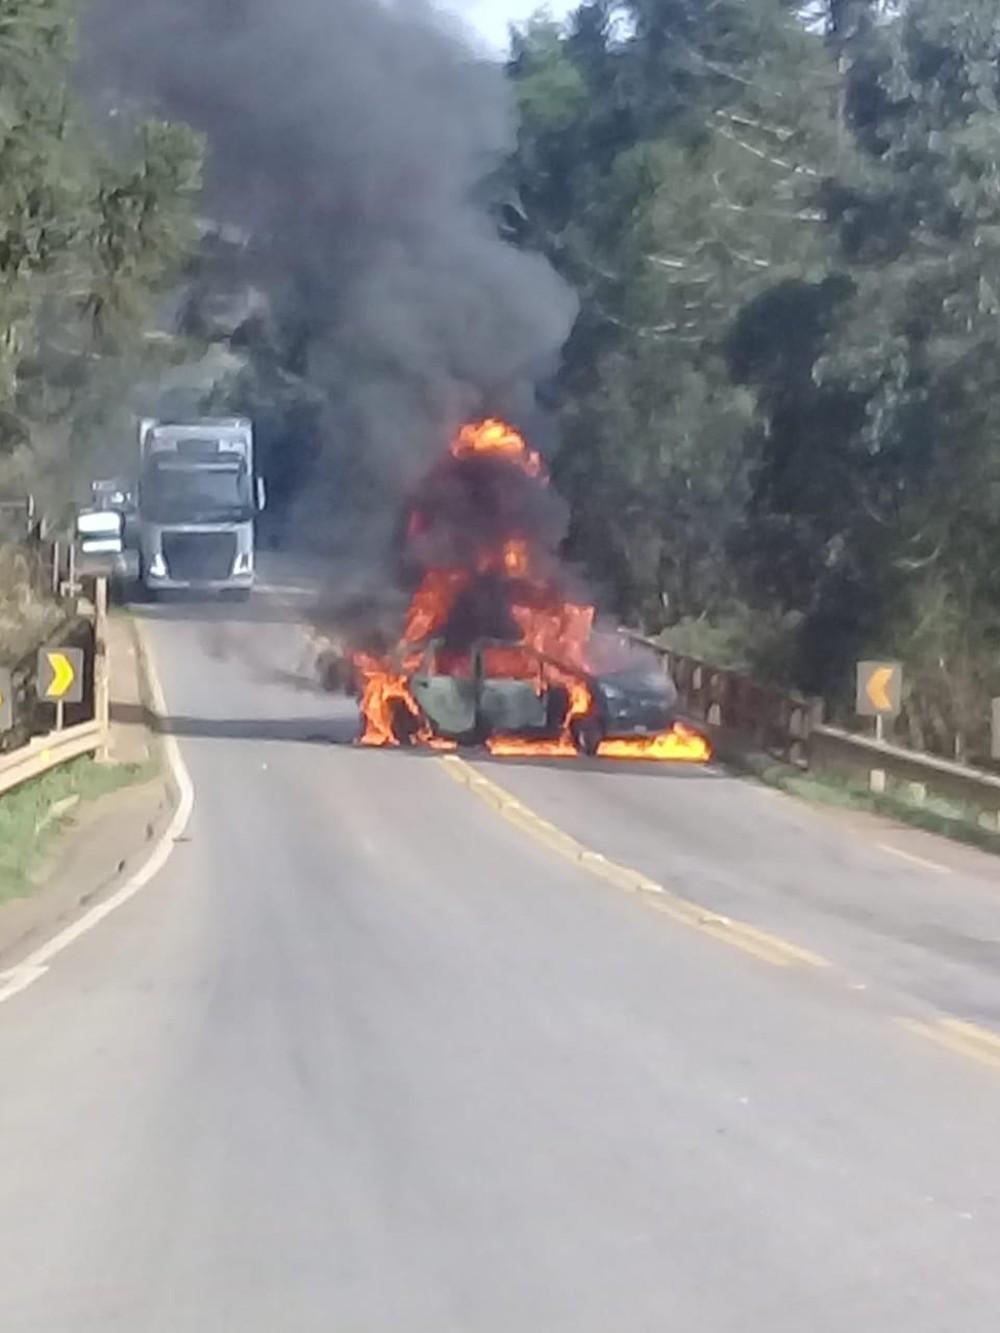 Carro foi incendiado em ponte no Oeste catarinense — Foto: Jana Guedes/Caçador de Notícias